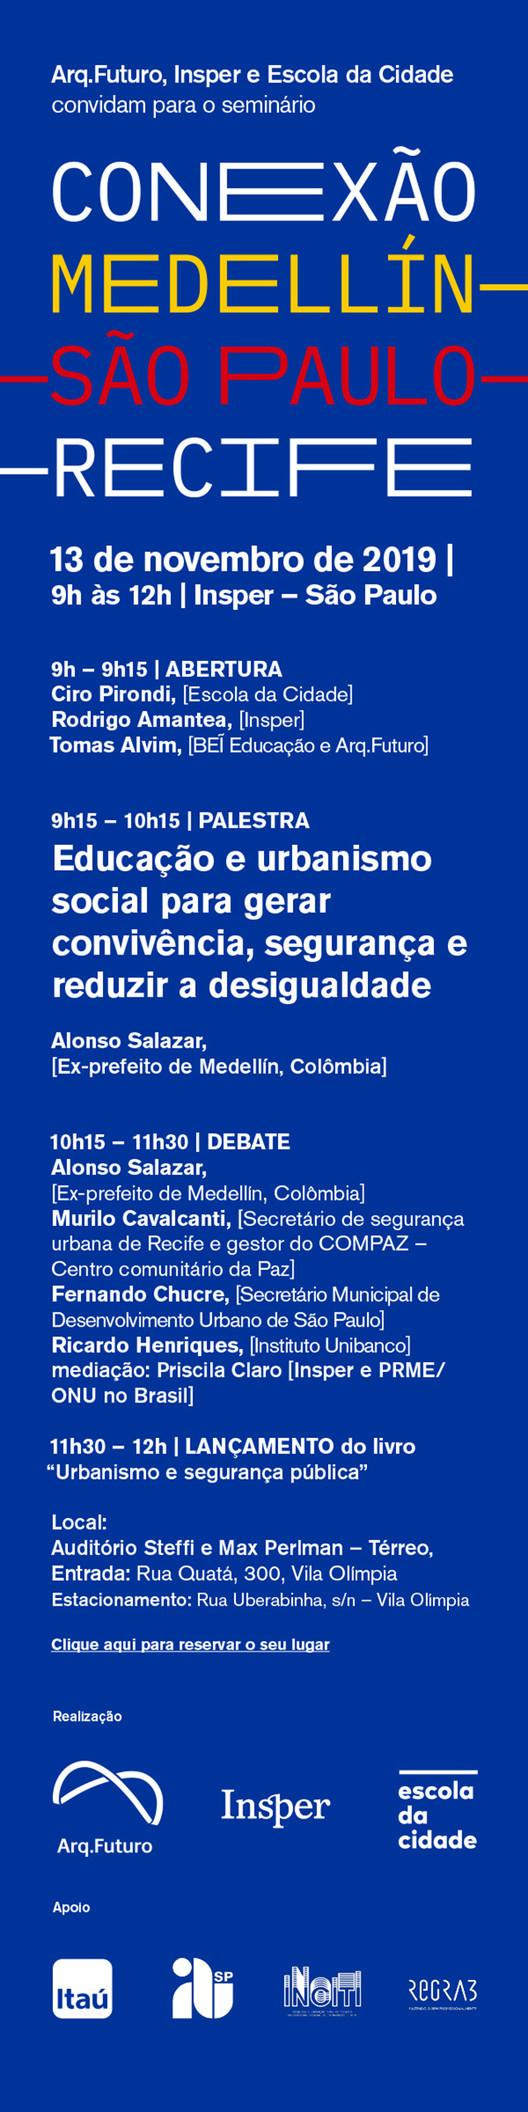 """Seminário """"Conexão Medellin, Recife, SP"""""""